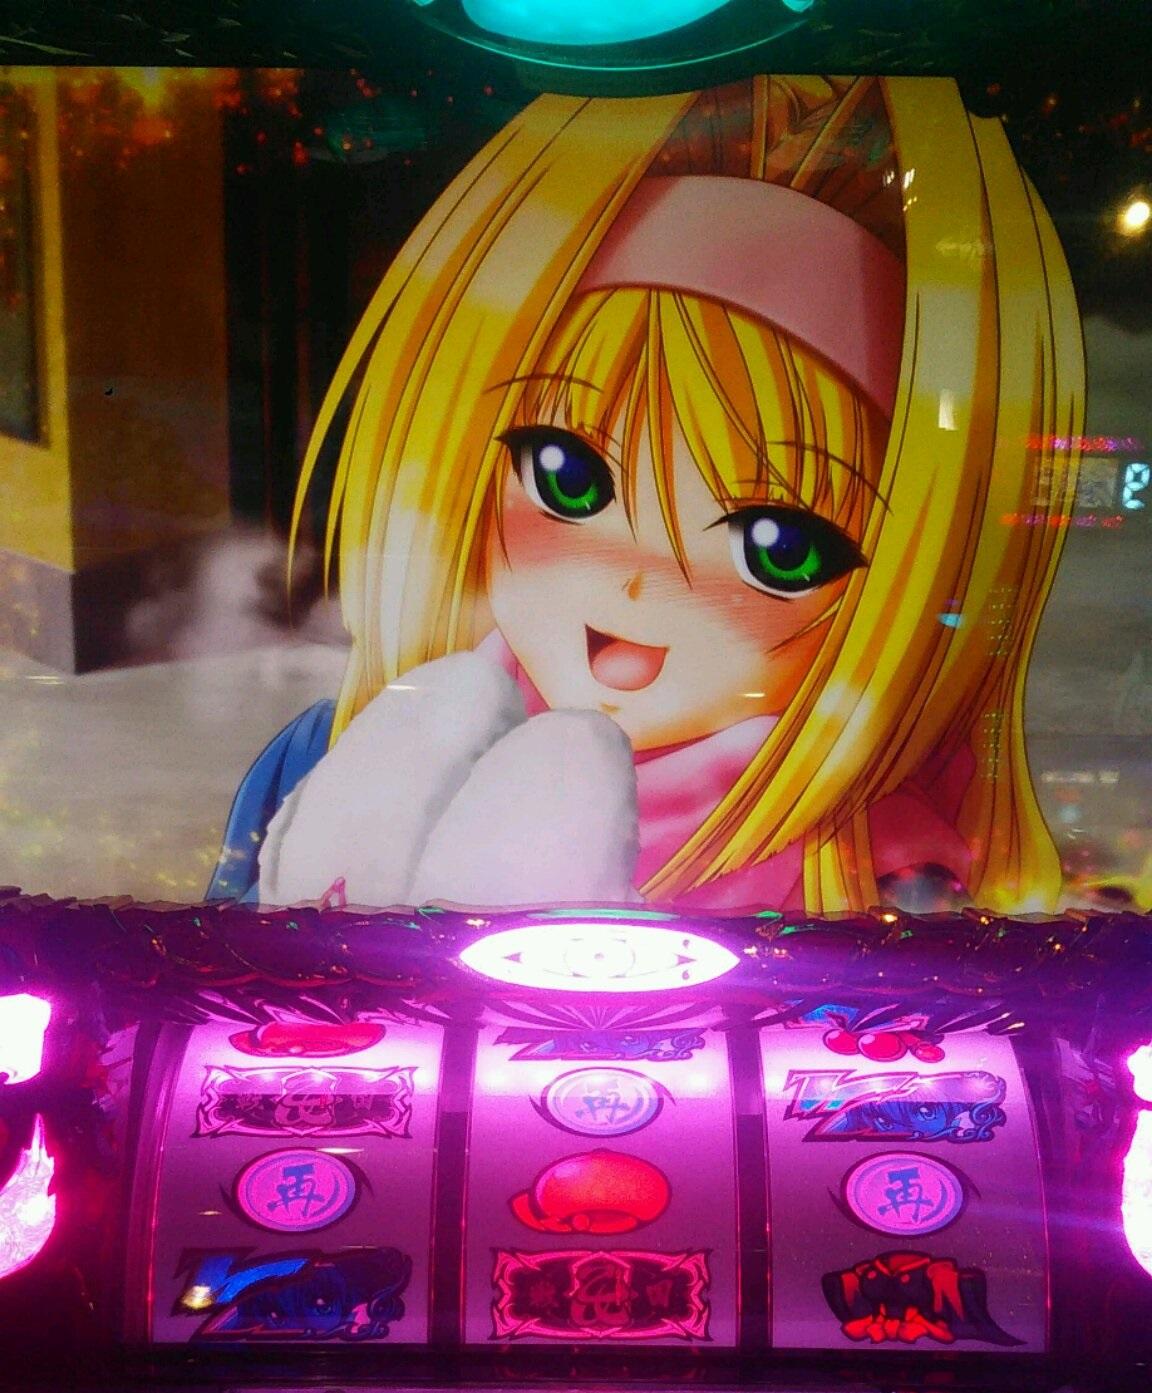 【なにこれめっちゃ楽しい♪】戦国乙女タイプAはシンプルモード&告知音発生で変則押し推奨^^ 設定さえ入っていればめっちゃ遊べる台ですよ~♪・・・の巻【バーサス好きにはたまらん♪】